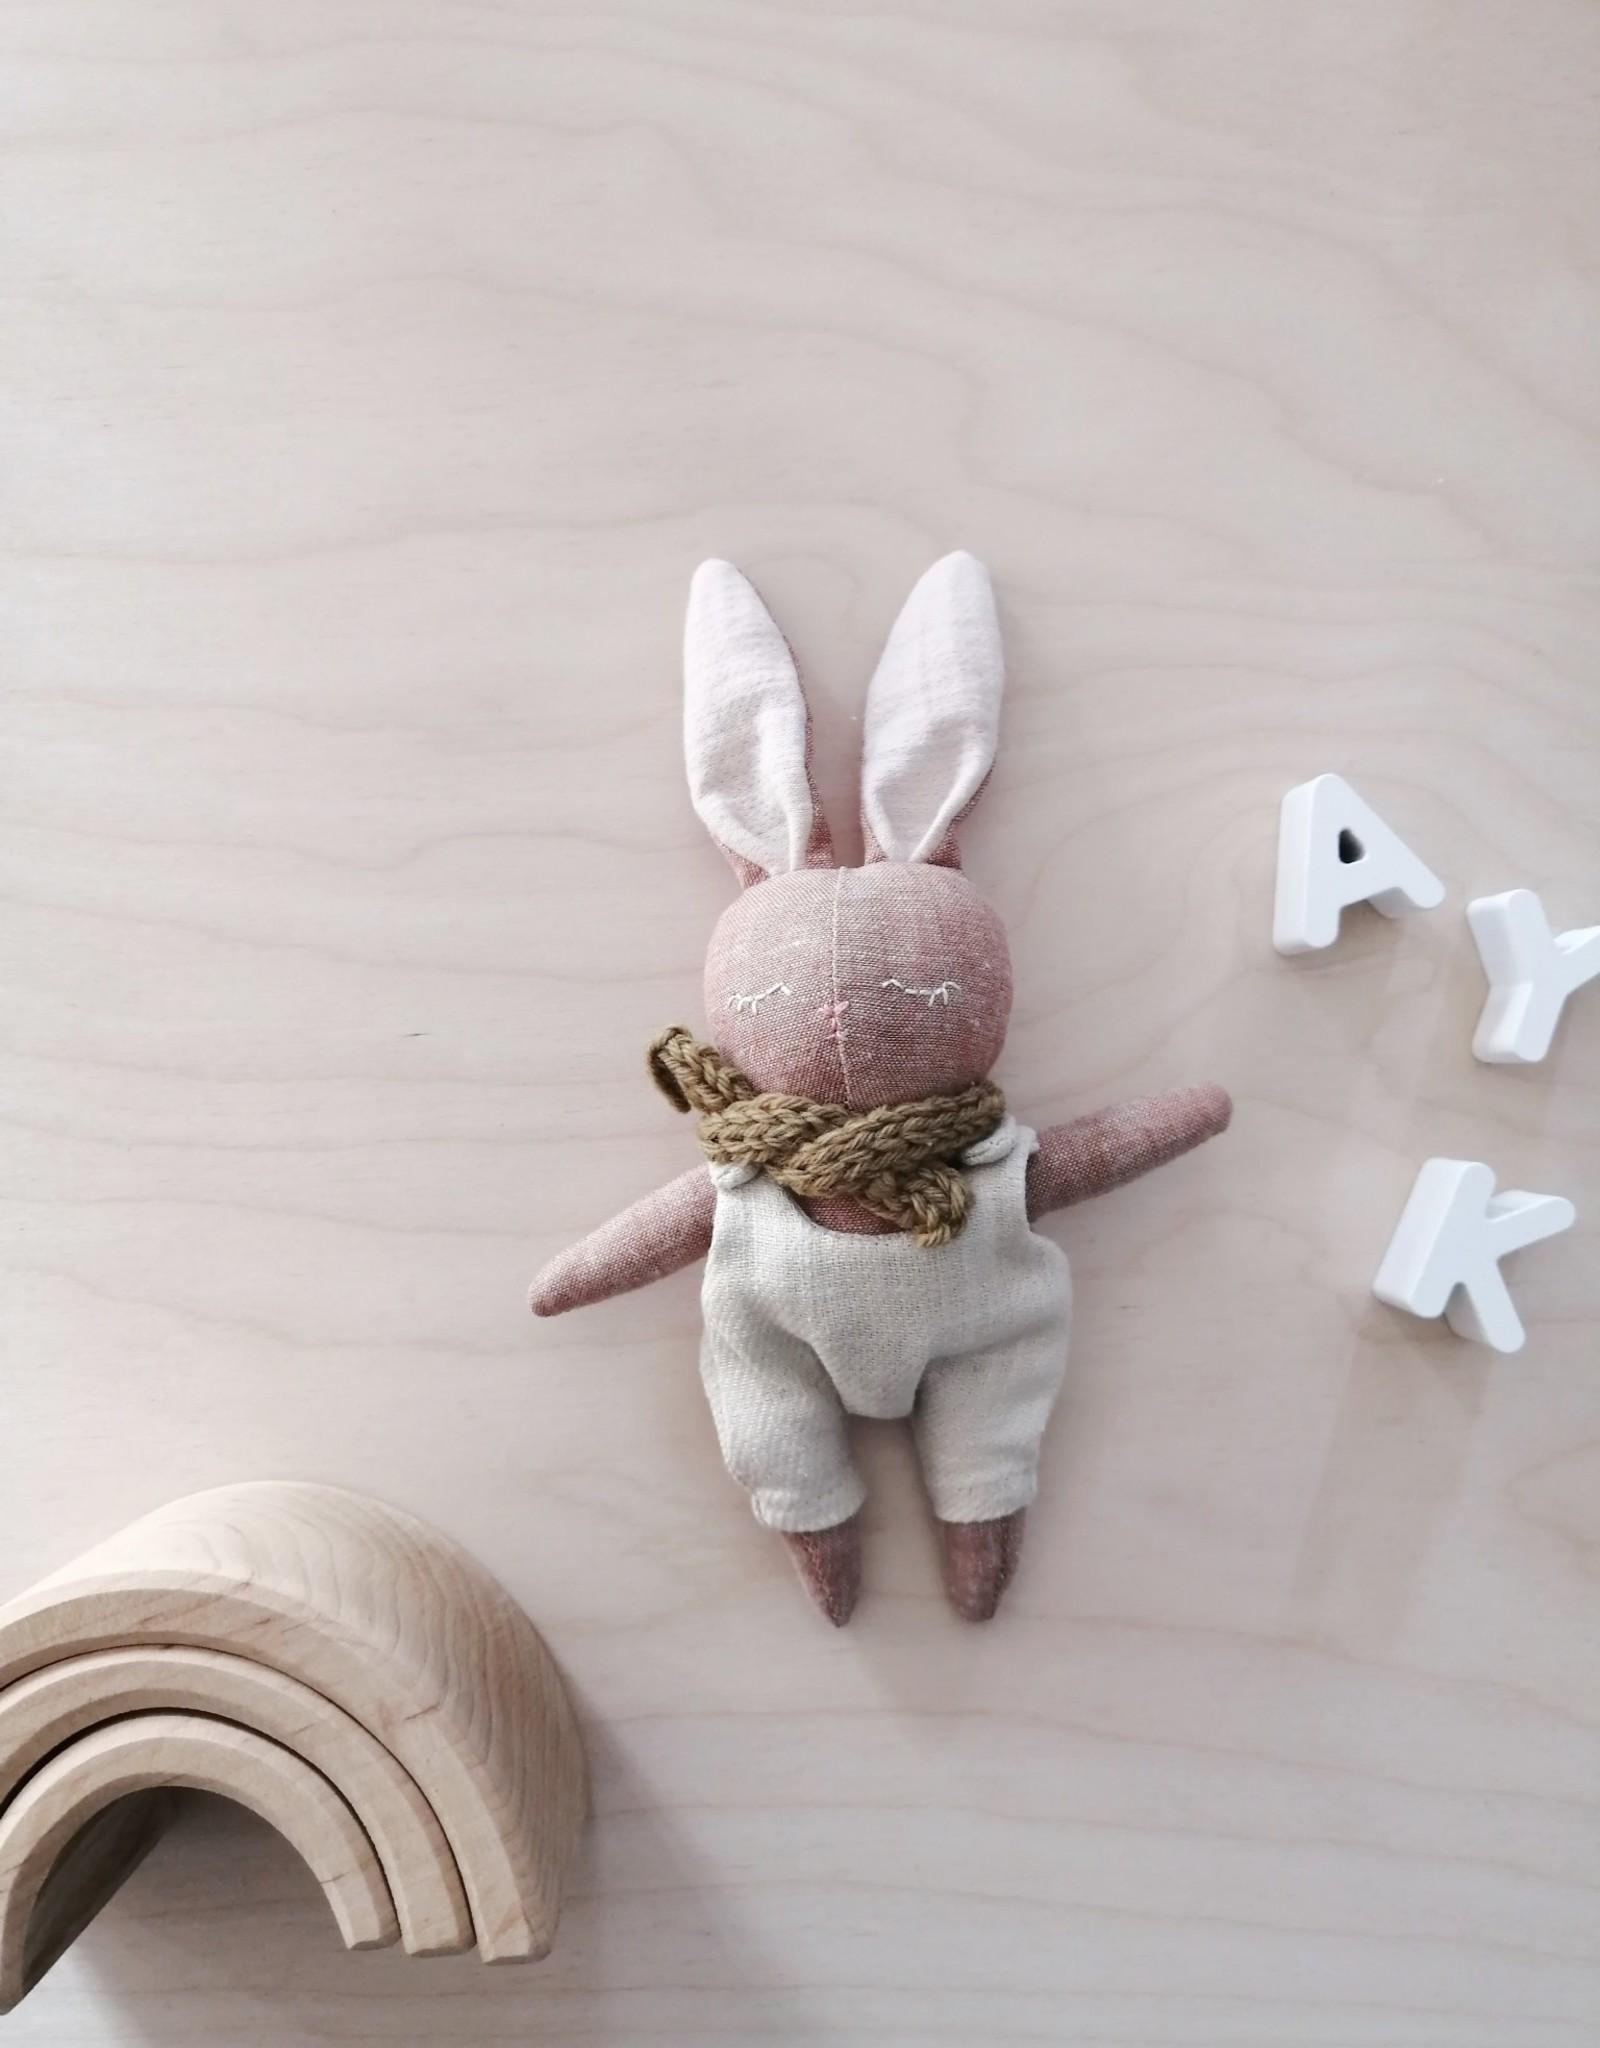 Mes petites lunes Mini Poupée-Peluche -Lapin endormi avec salopette beige et foulard